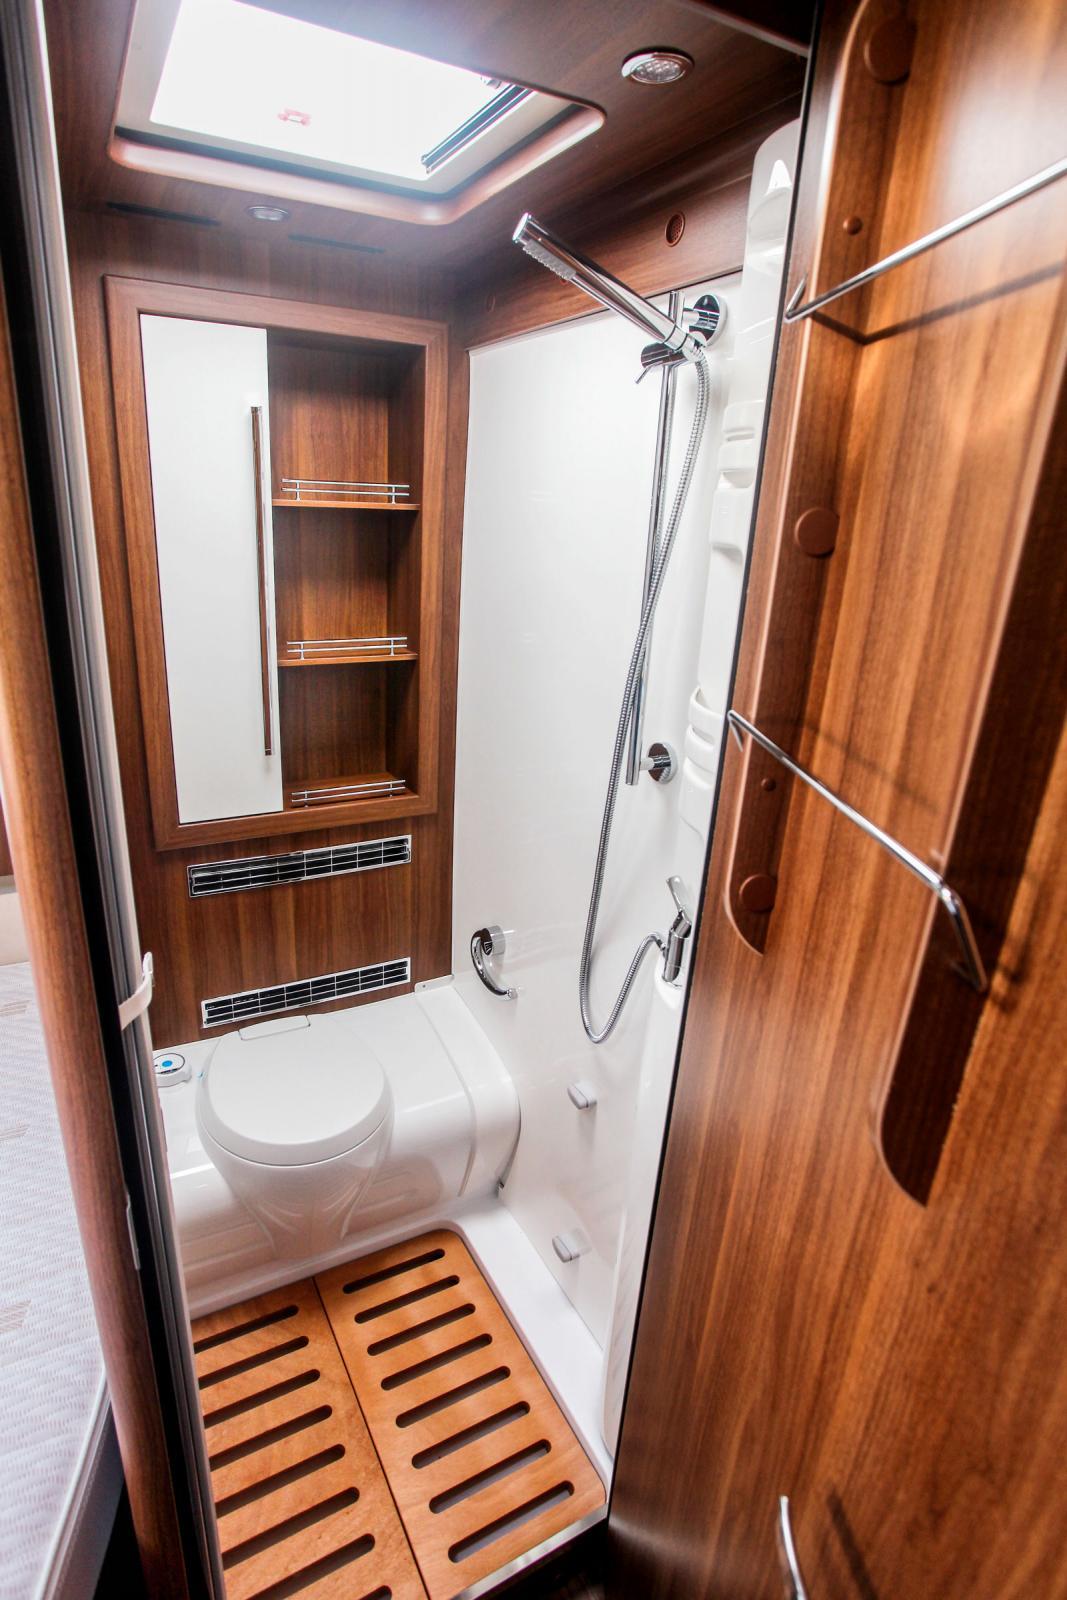 Dusch och toa tillsammans sparar plats men kan ge blöta strumpor för den som blir nödig efter att någon duschat.